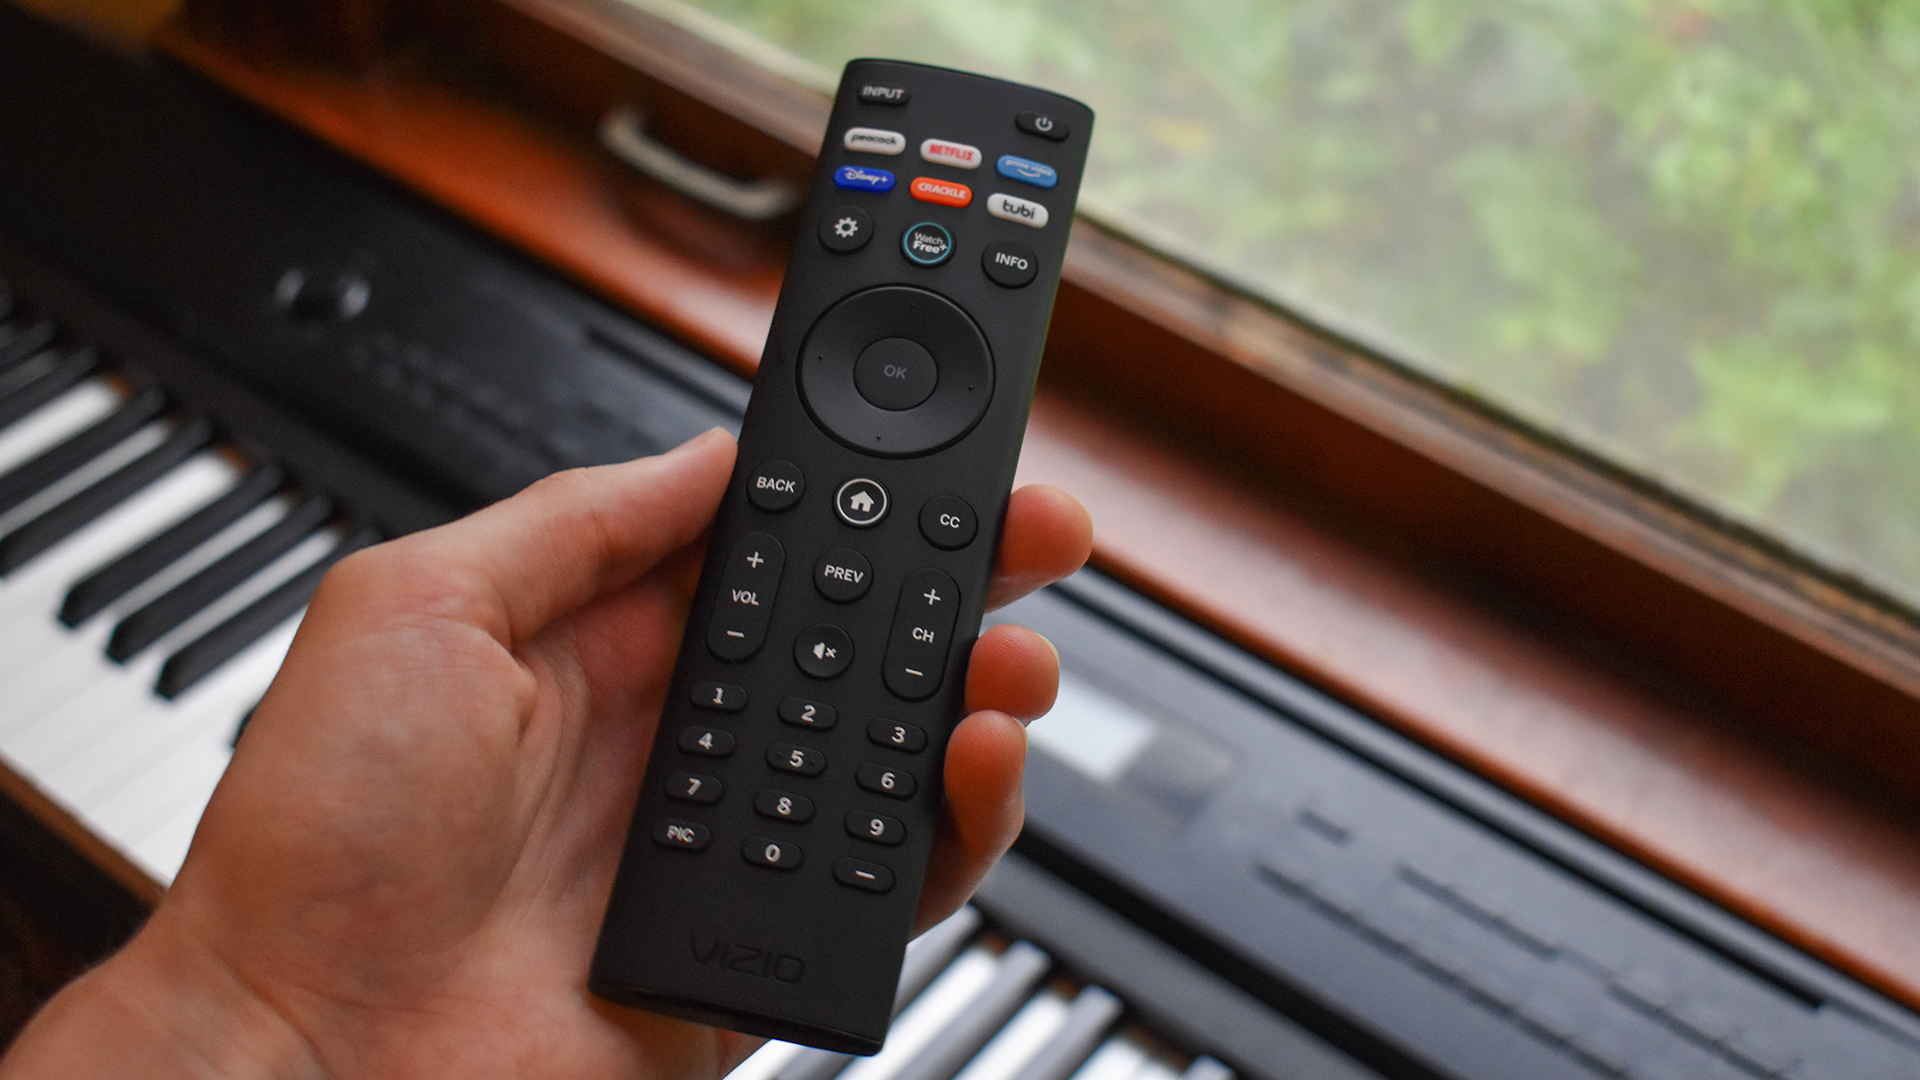 The Vizio TV's remote control.